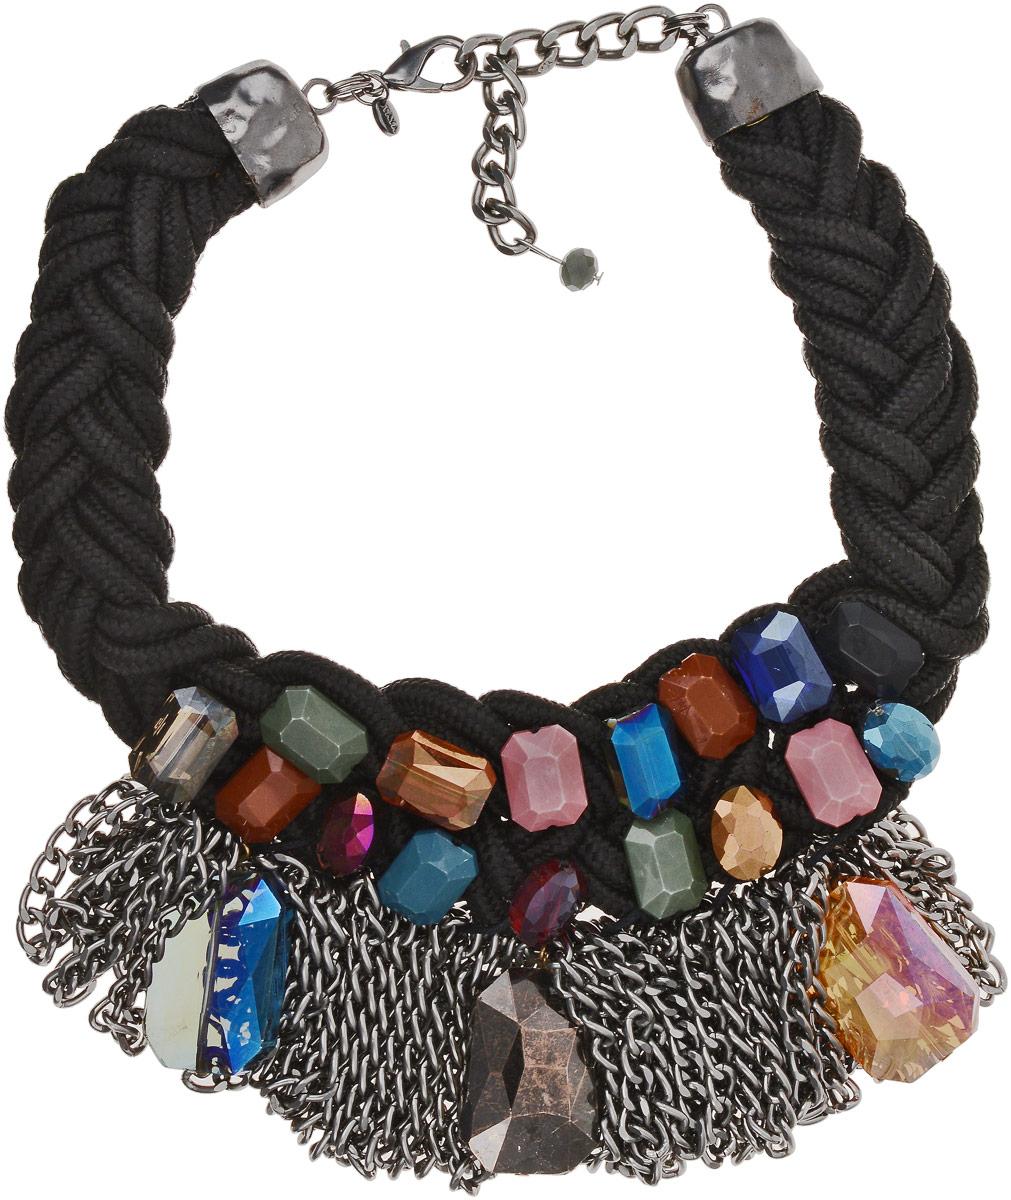 Колье Taya, цвет: черный, мультиколор. T-B-9551Колье (короткие одноярусные бусы)Основа украшения сплетена колоском из черных жгутиков и дополнена удлиняющей цепочкой с замочком-карабином. В центре хаотично сверкают камни разного цвета и огранки. Гламурности украшению придает сочетание металлических цепей и сверкающих кристаллов.